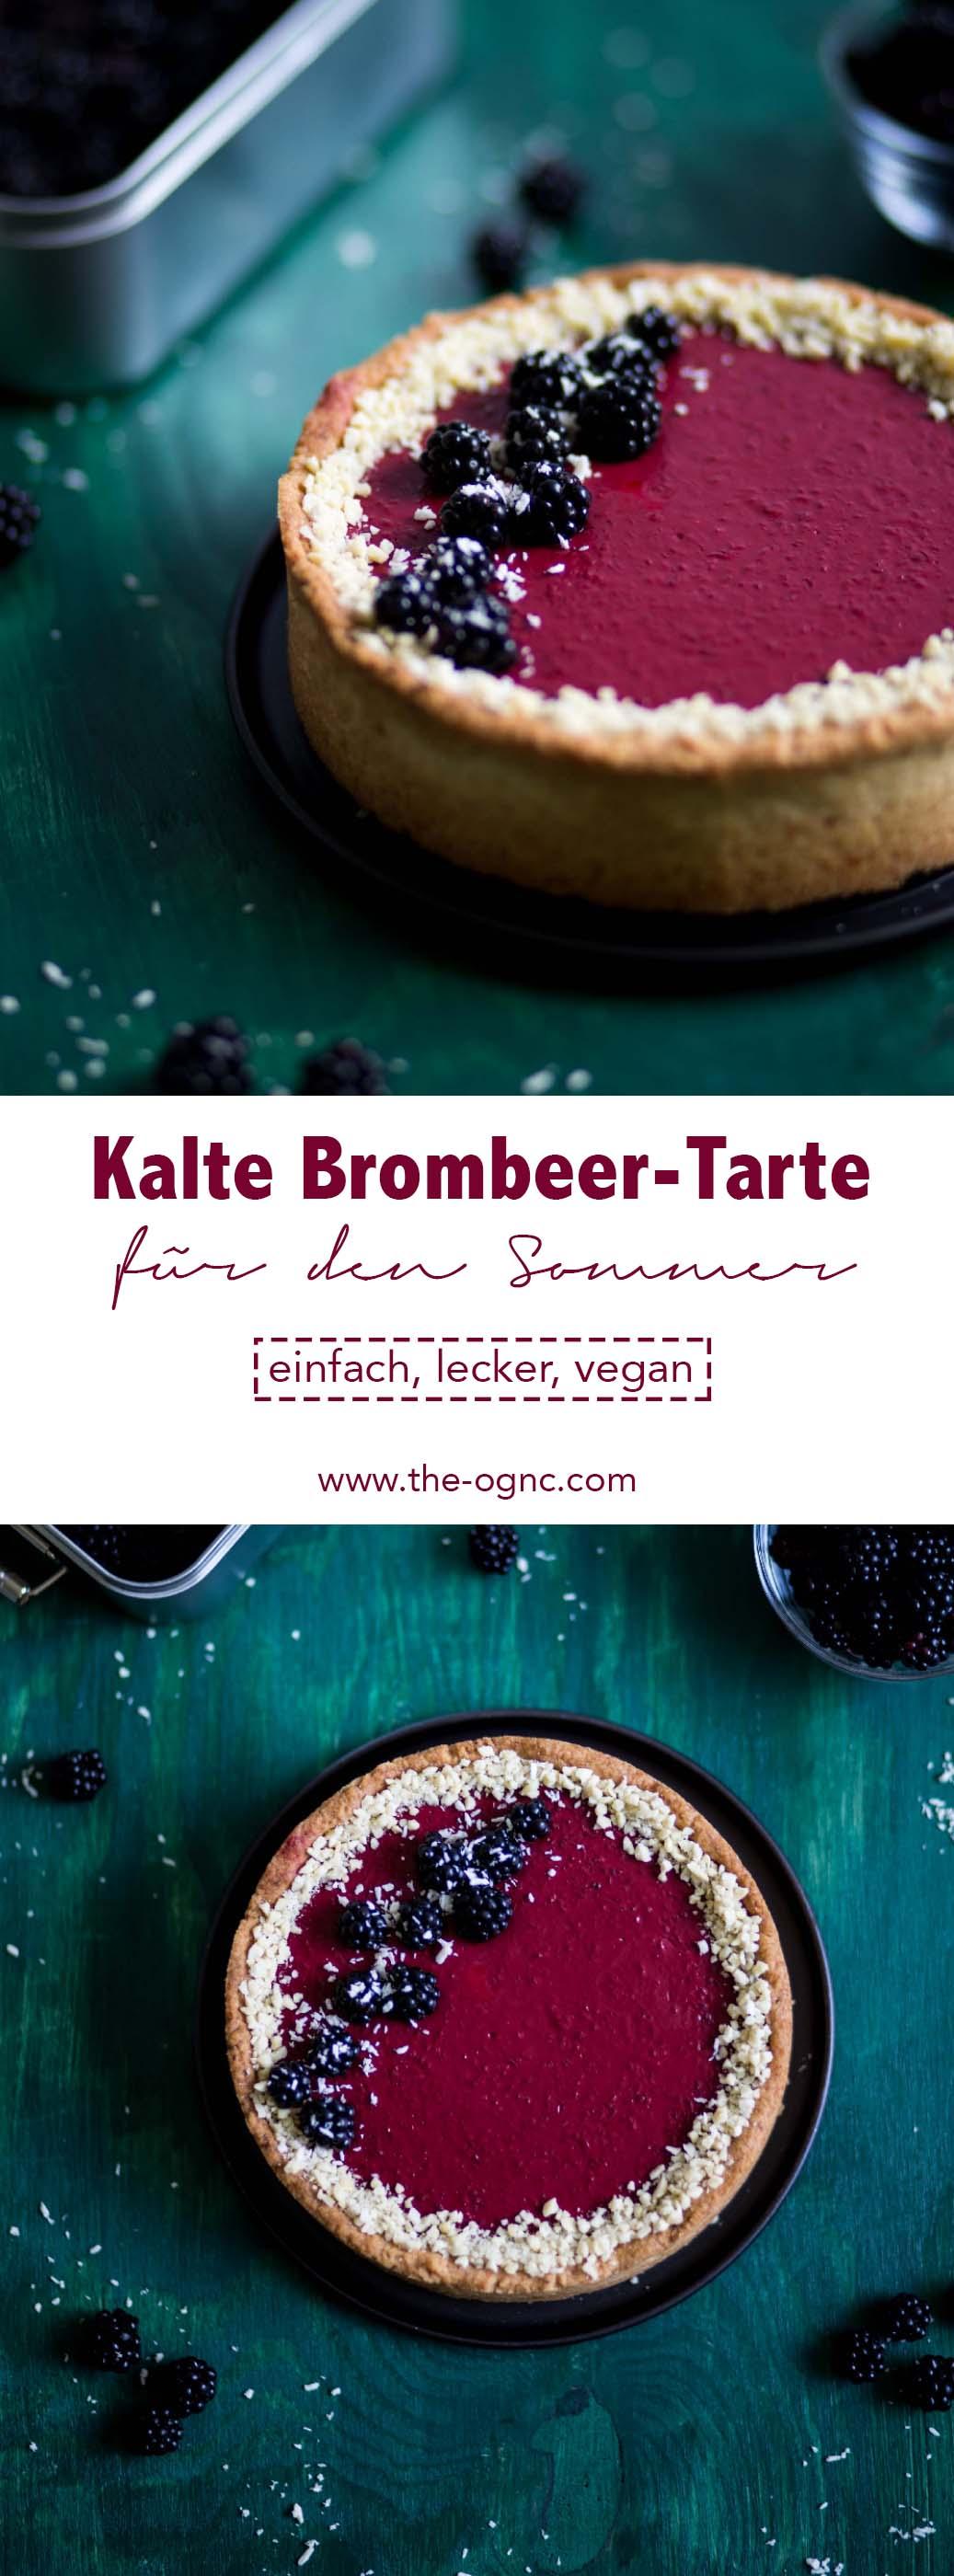 Brombeer-Tarte